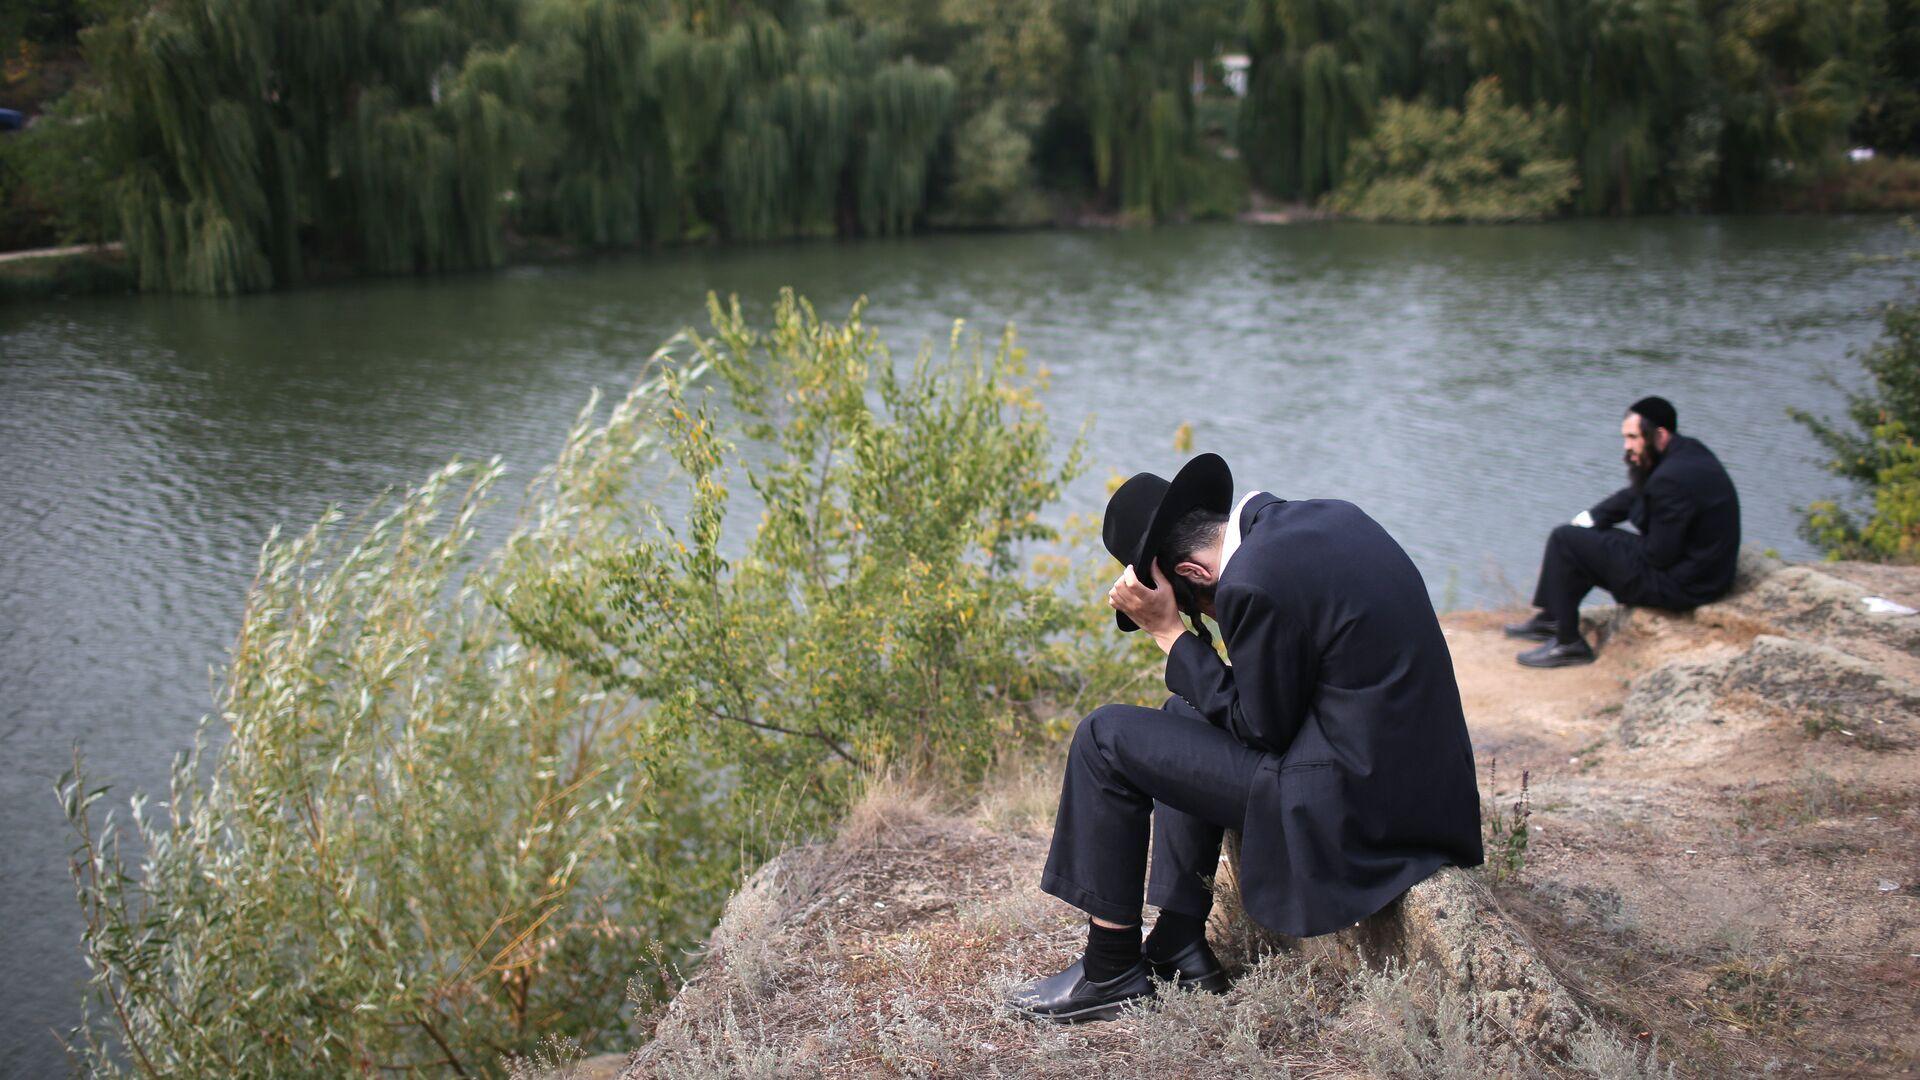 Паломник сидит на берегу реки в канун еврейского нового года на Украине - РИА Новости, 1920, 03.09.2020